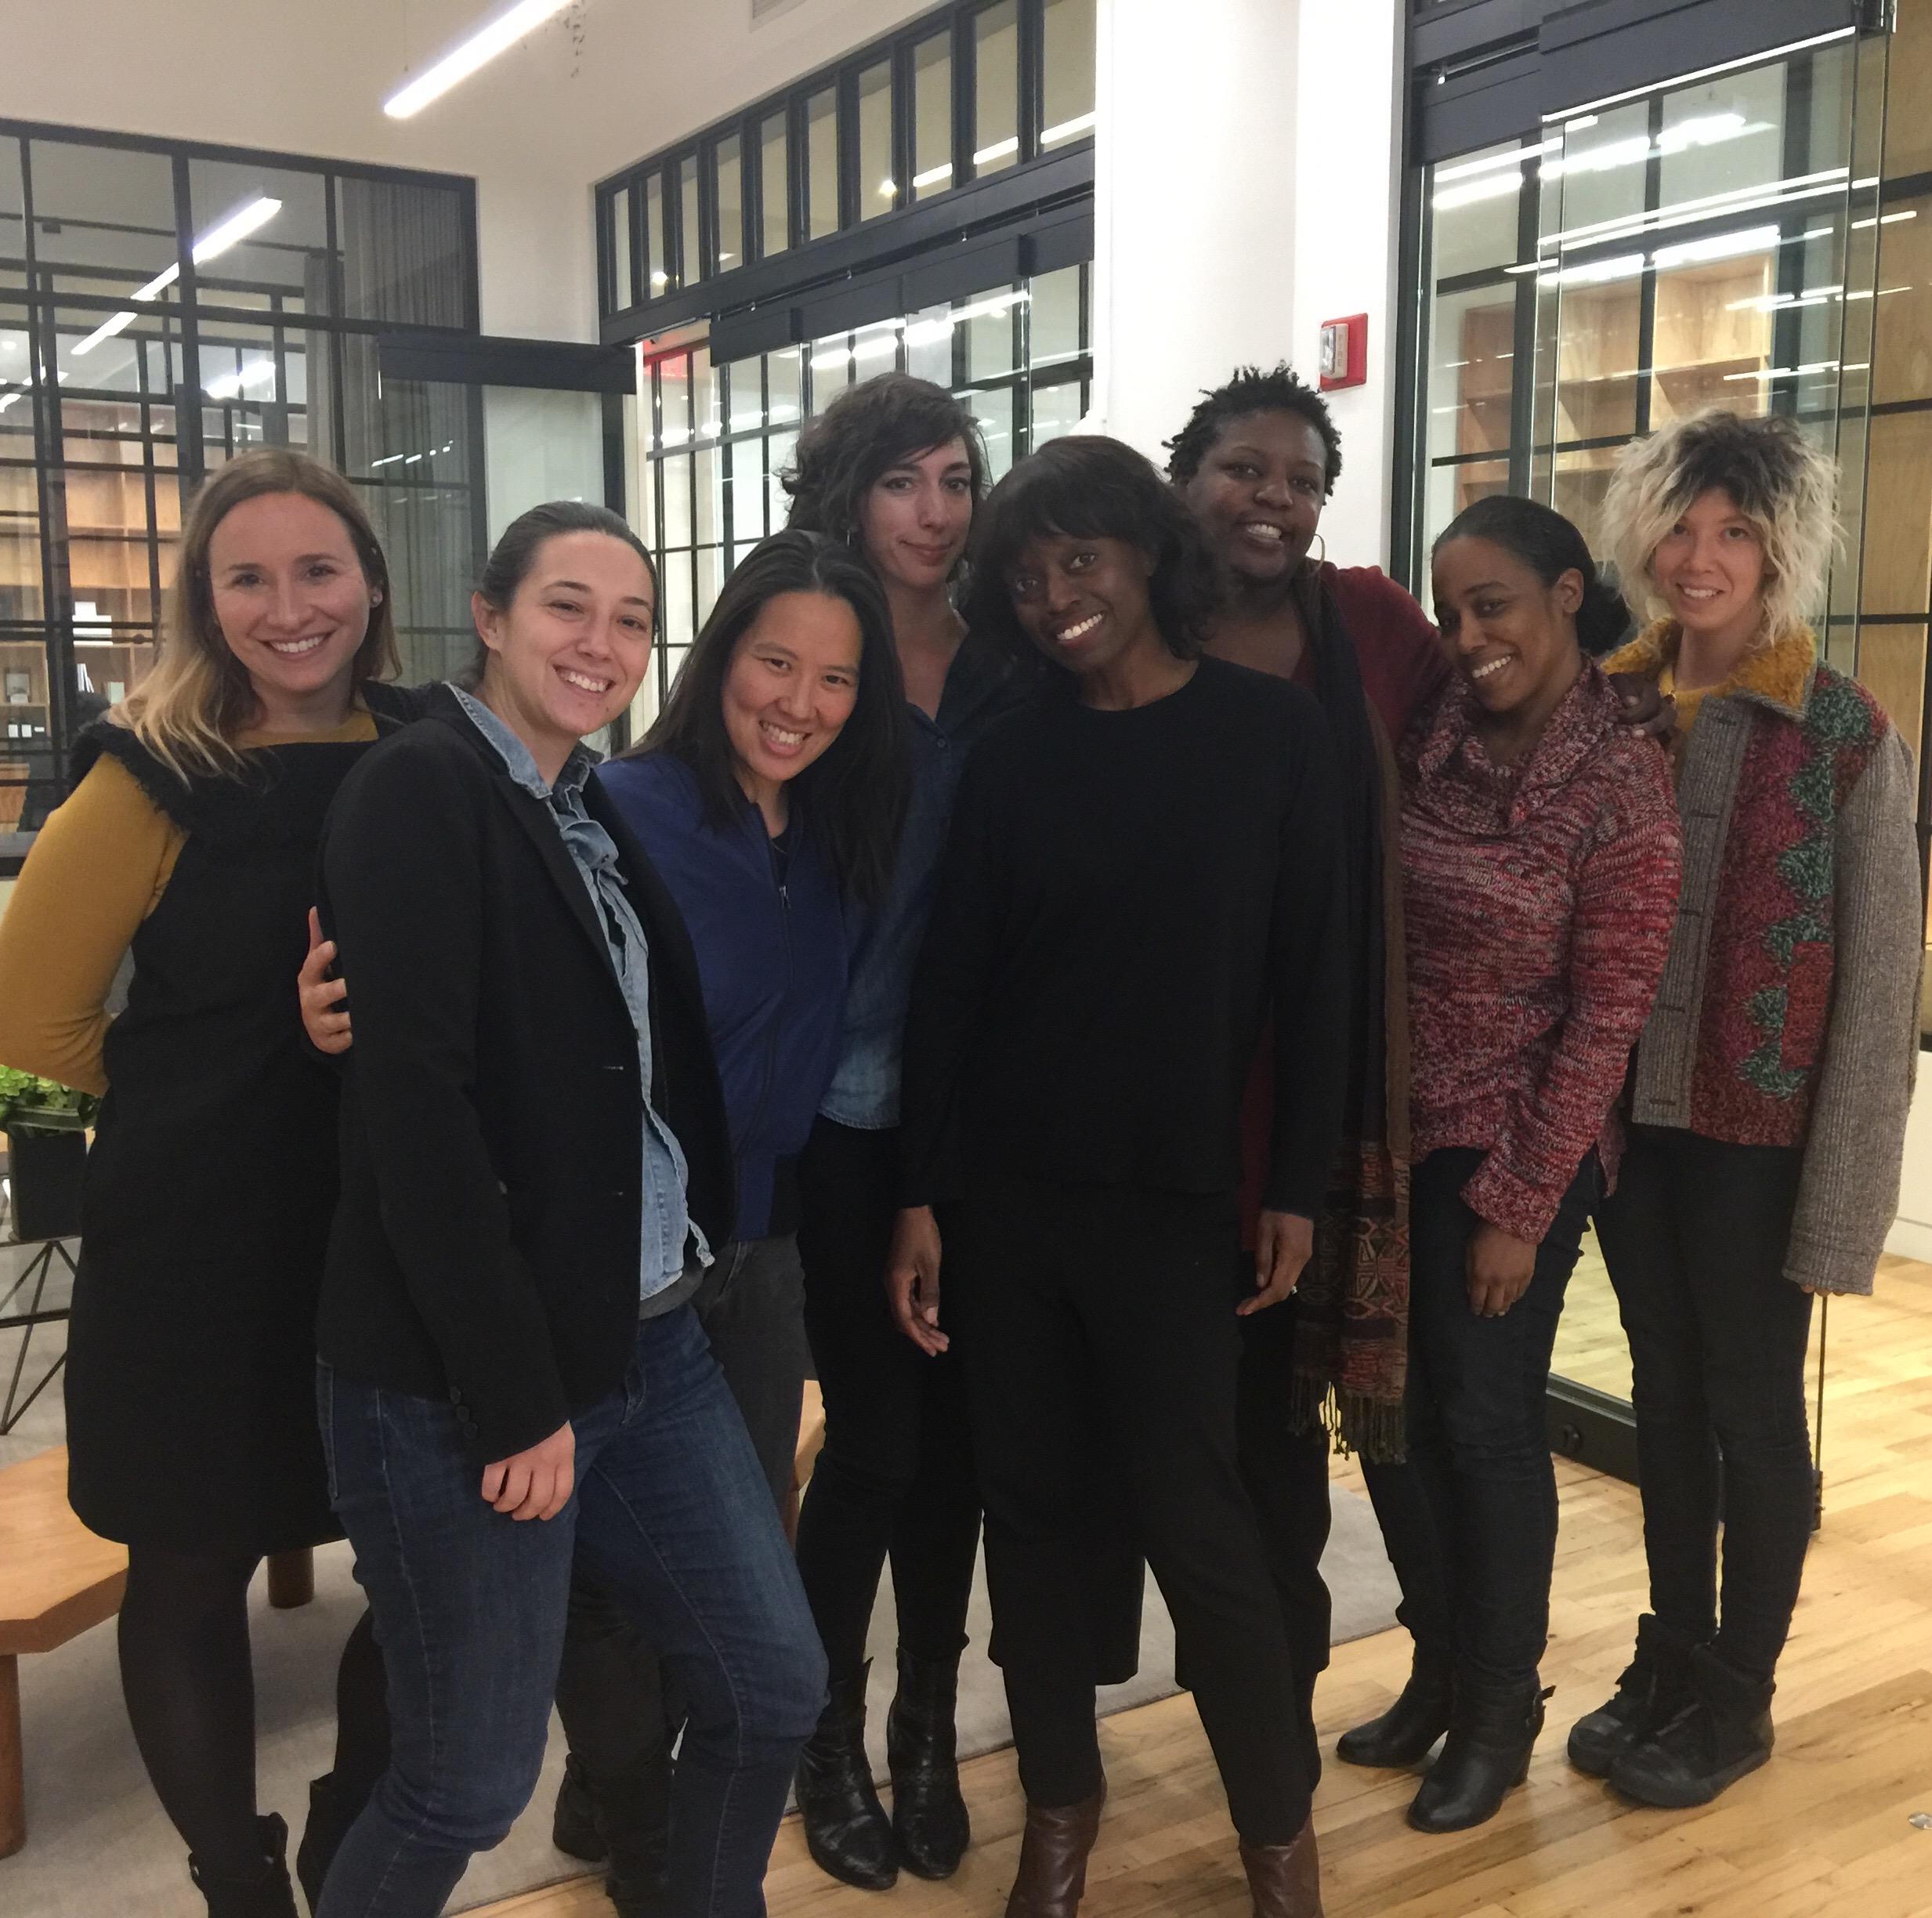 Katie Doering, Lauren Wolkstein, Su Kim, Lana Wilson, Dee Poku, Yoruba Richen, Sabrina Gordon,Elisabeth Holm